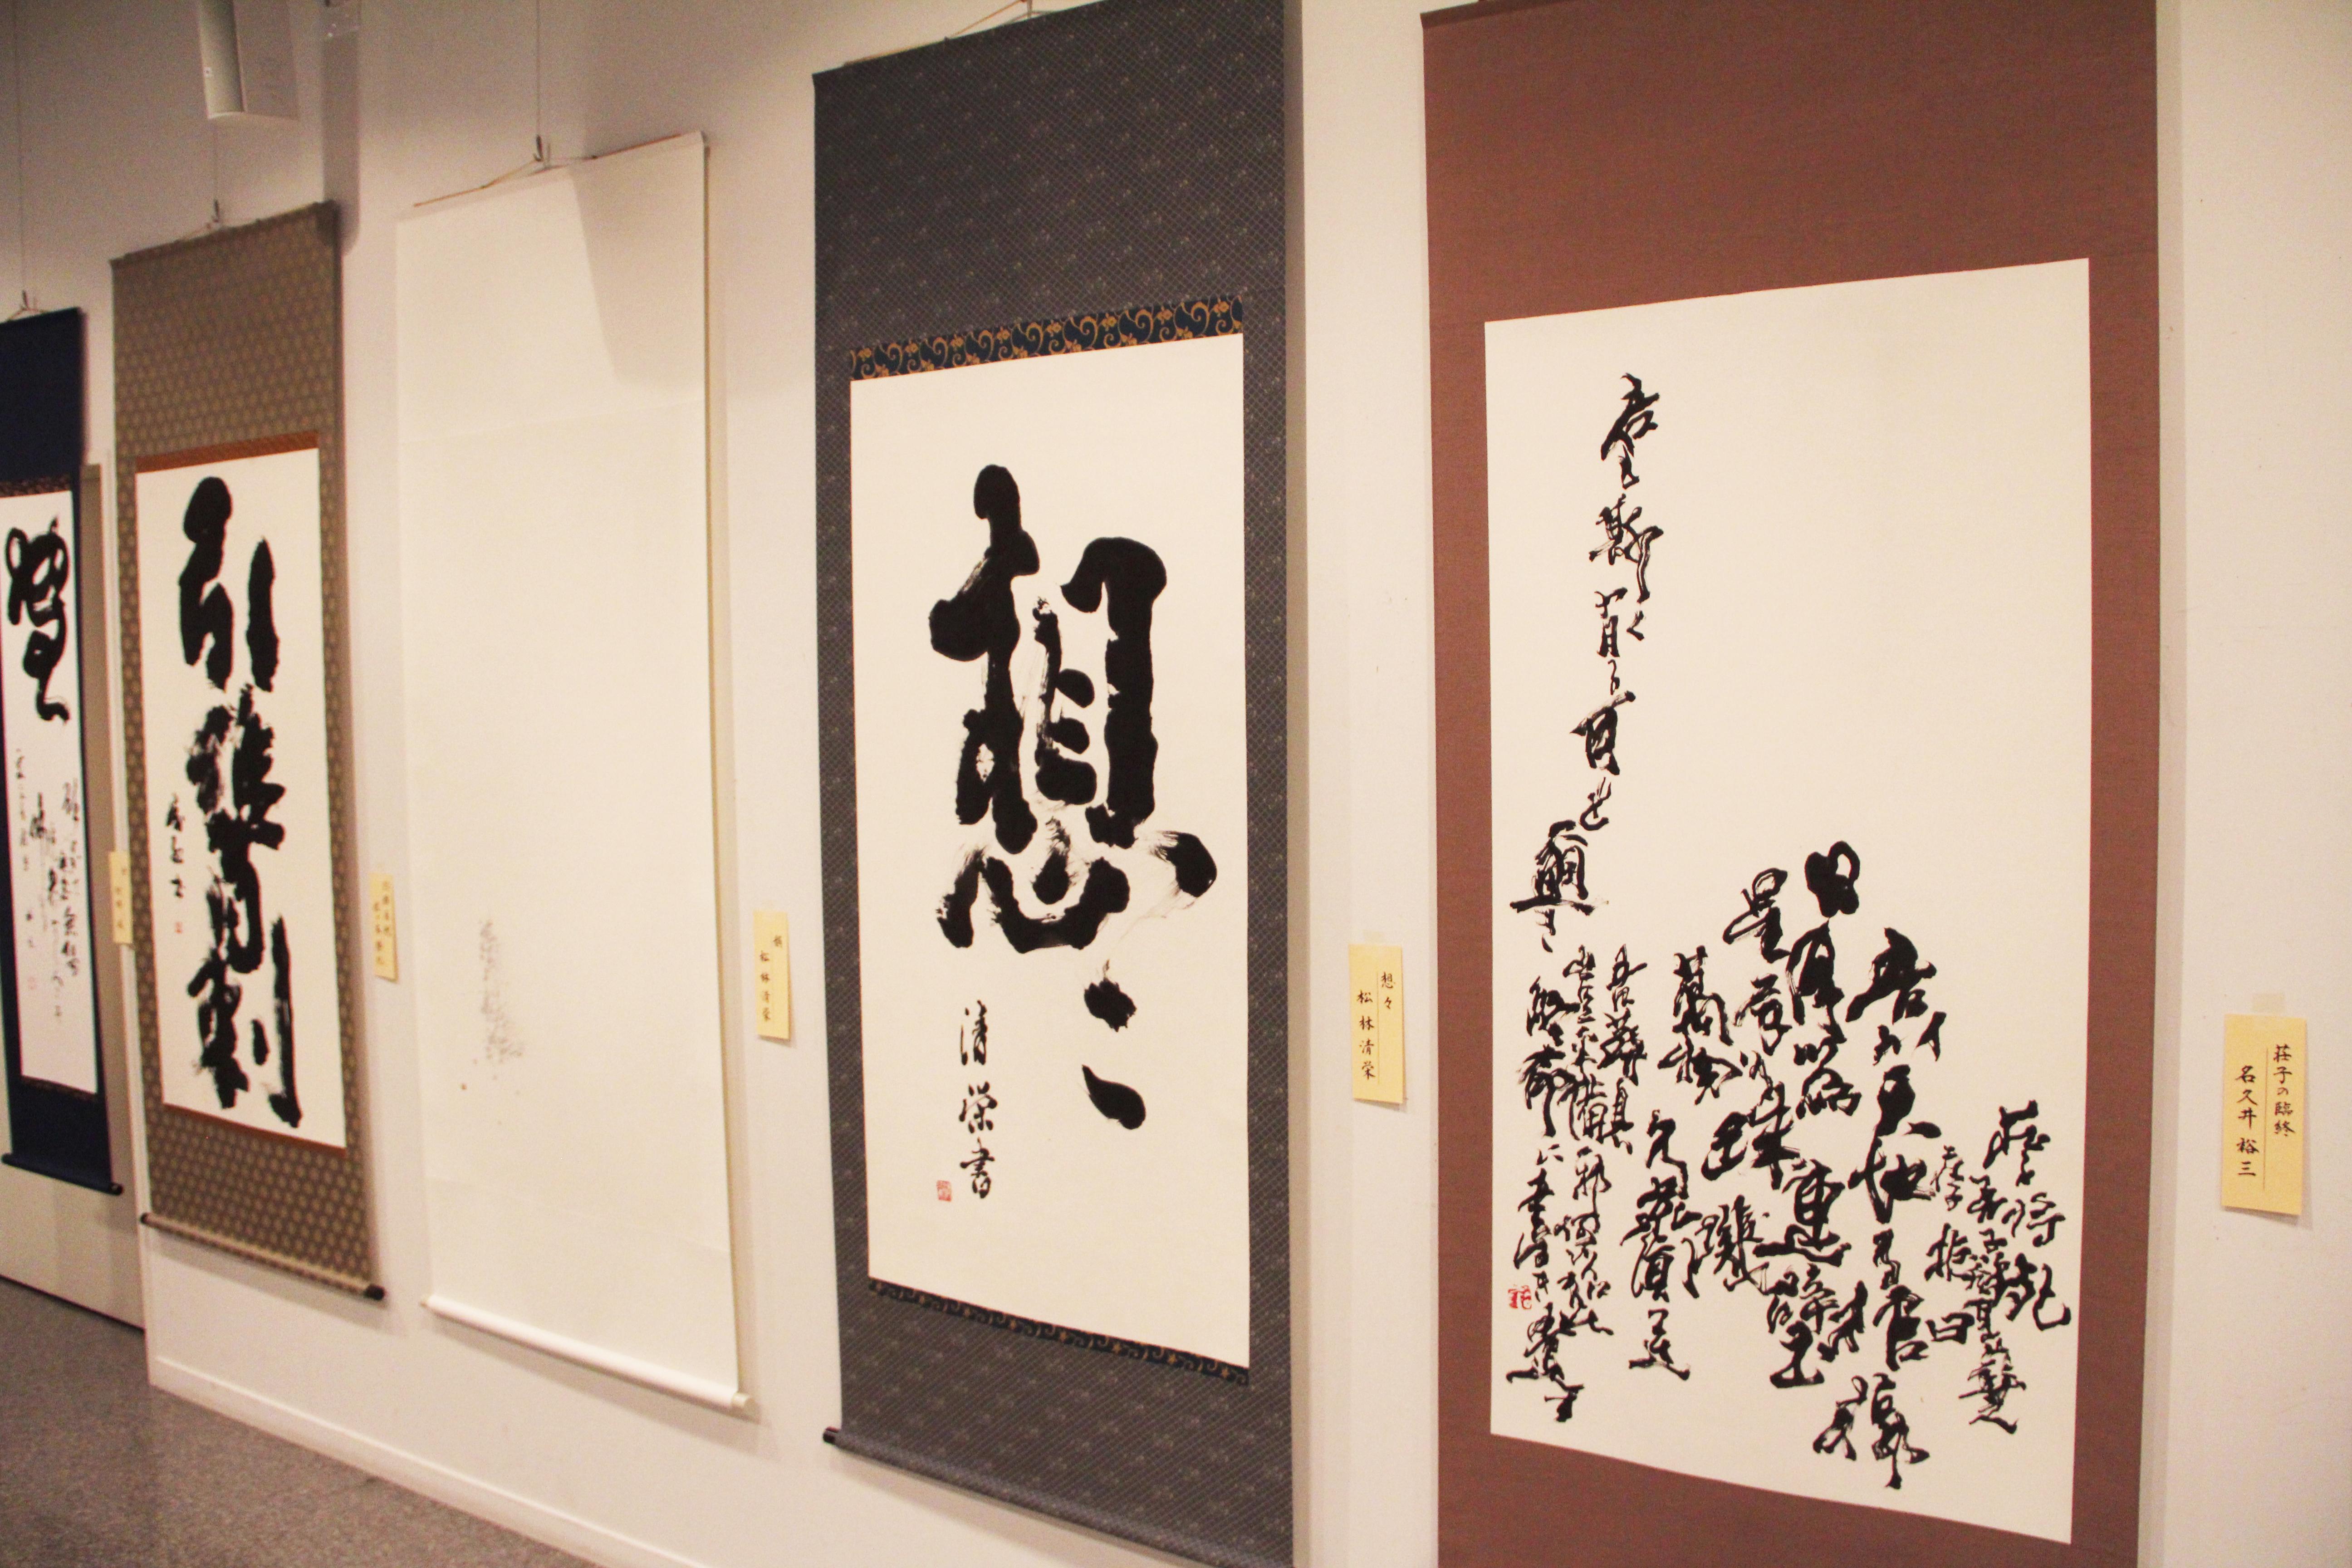 http://hacchi.jp/blog/upload/images/251024-2.JPG